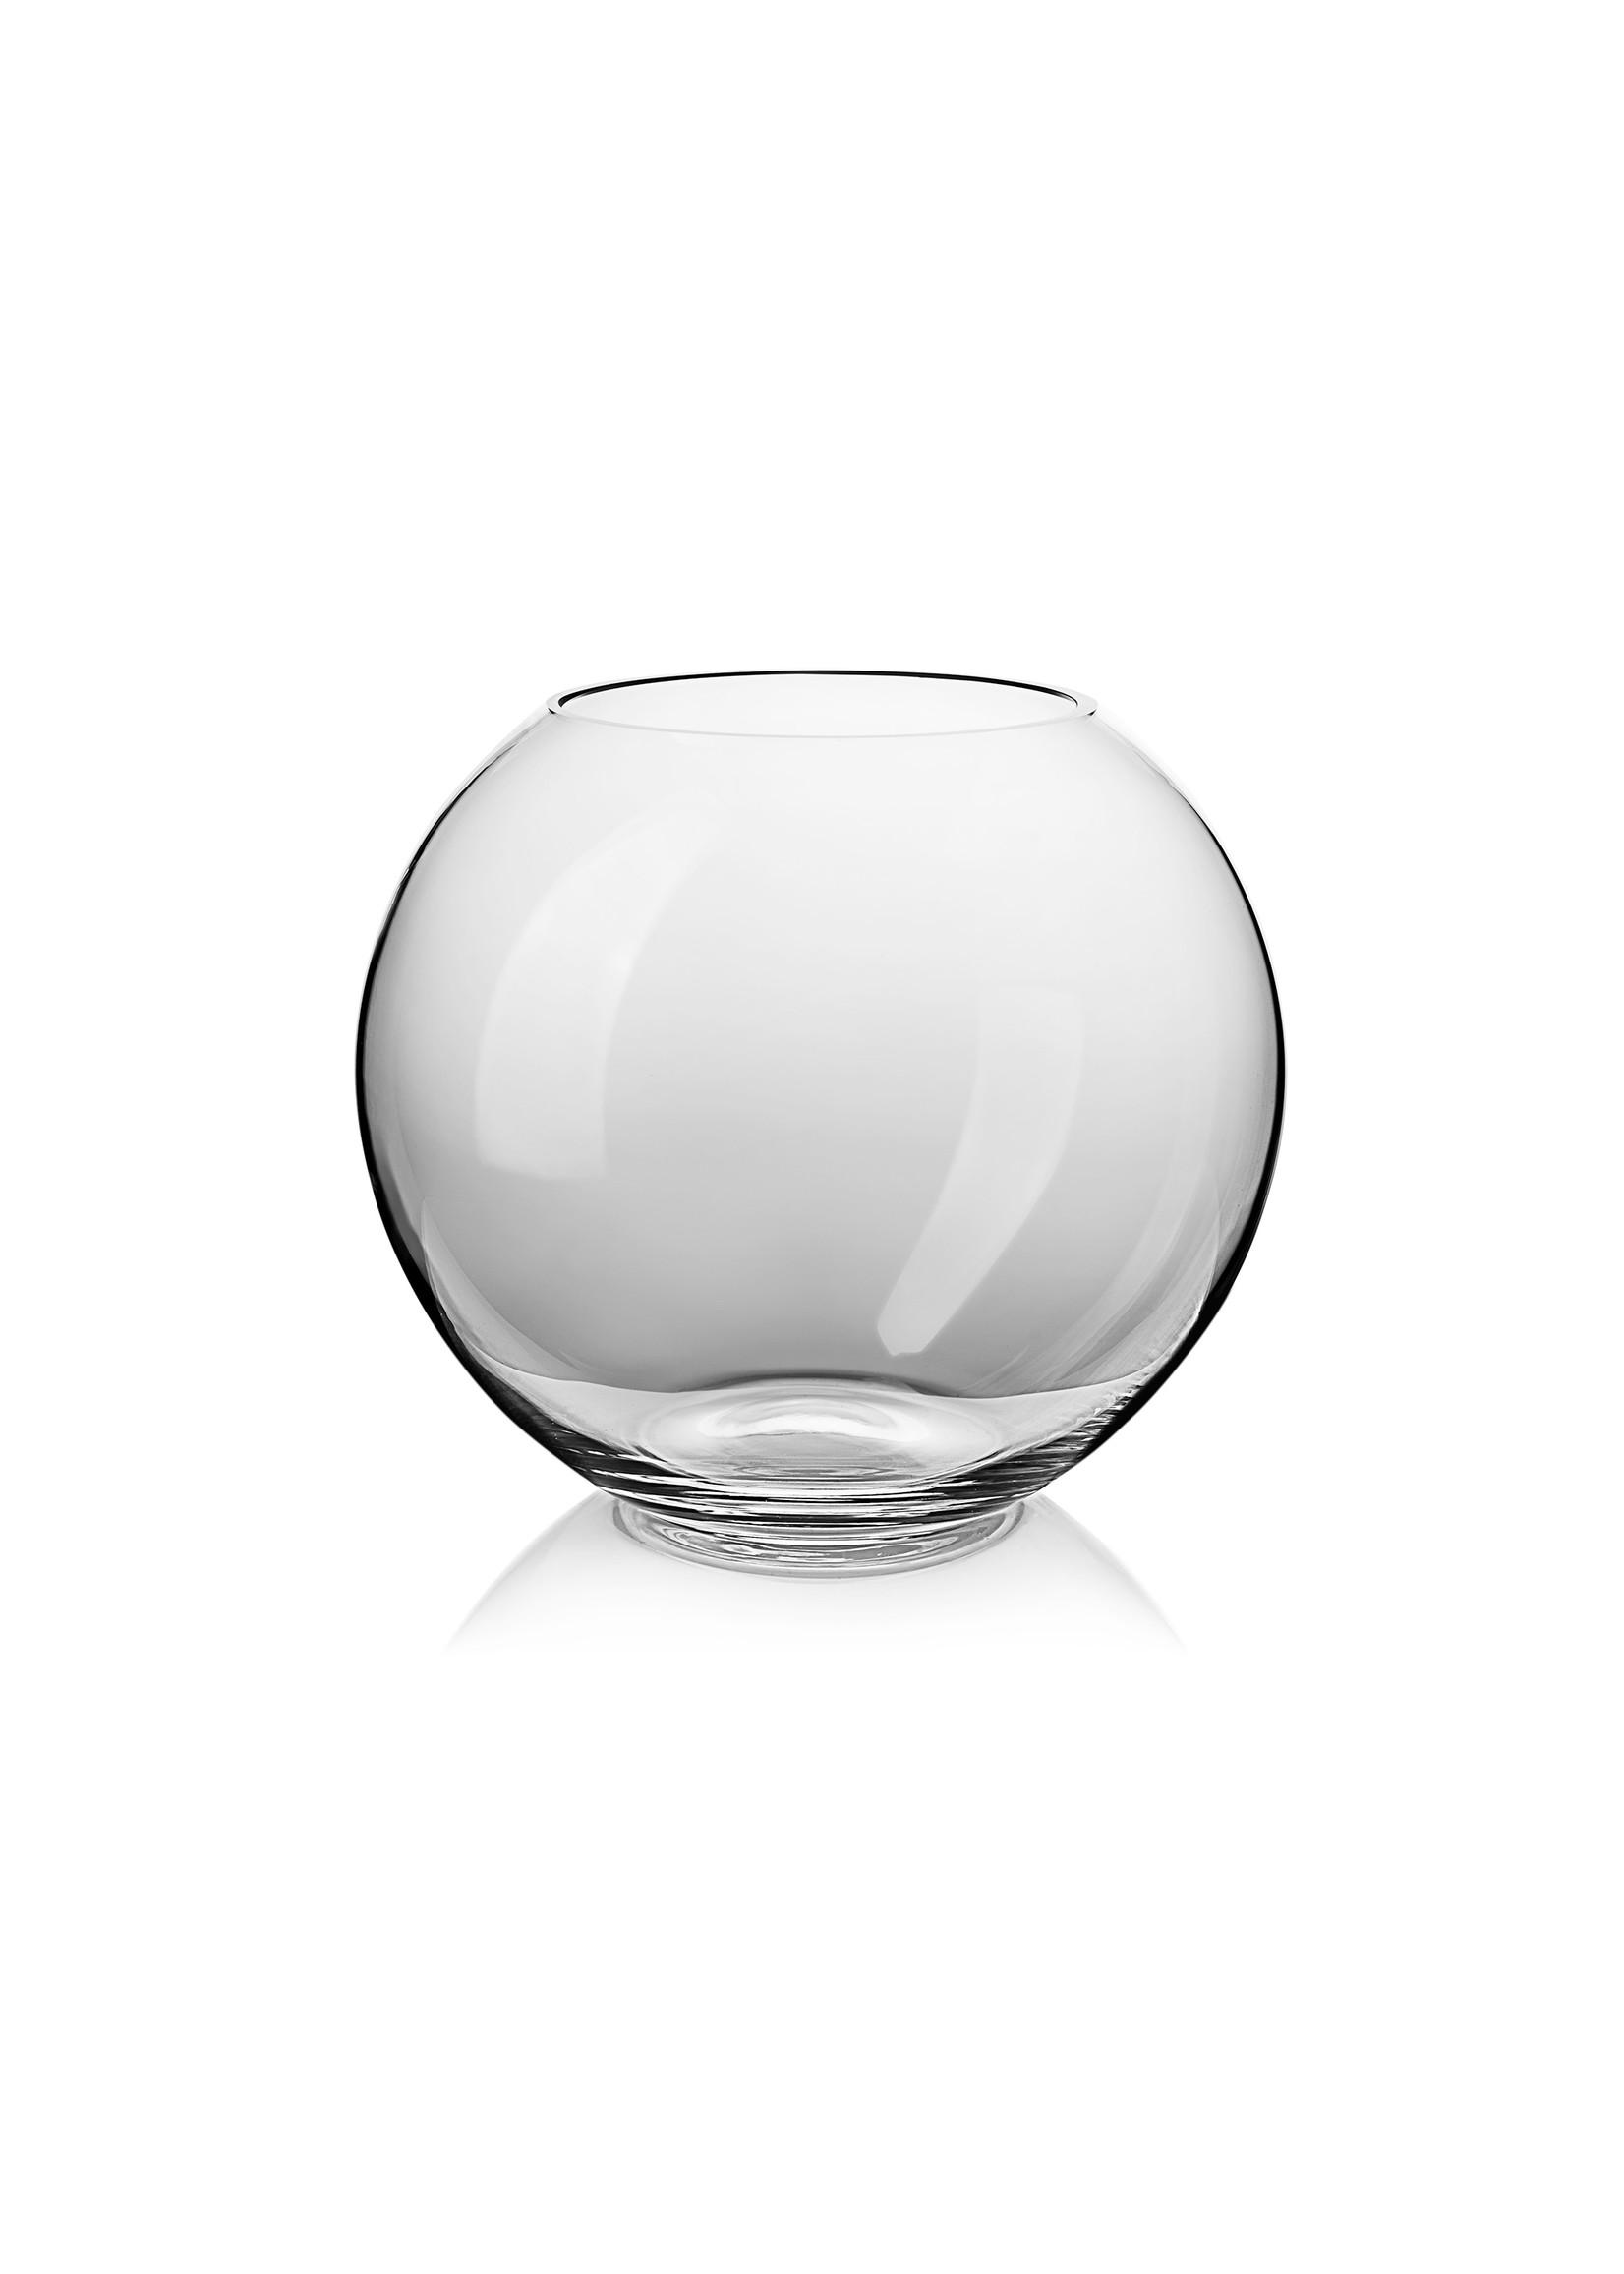 Skloglass Handgemaakt kristallen bolvaas 150mm